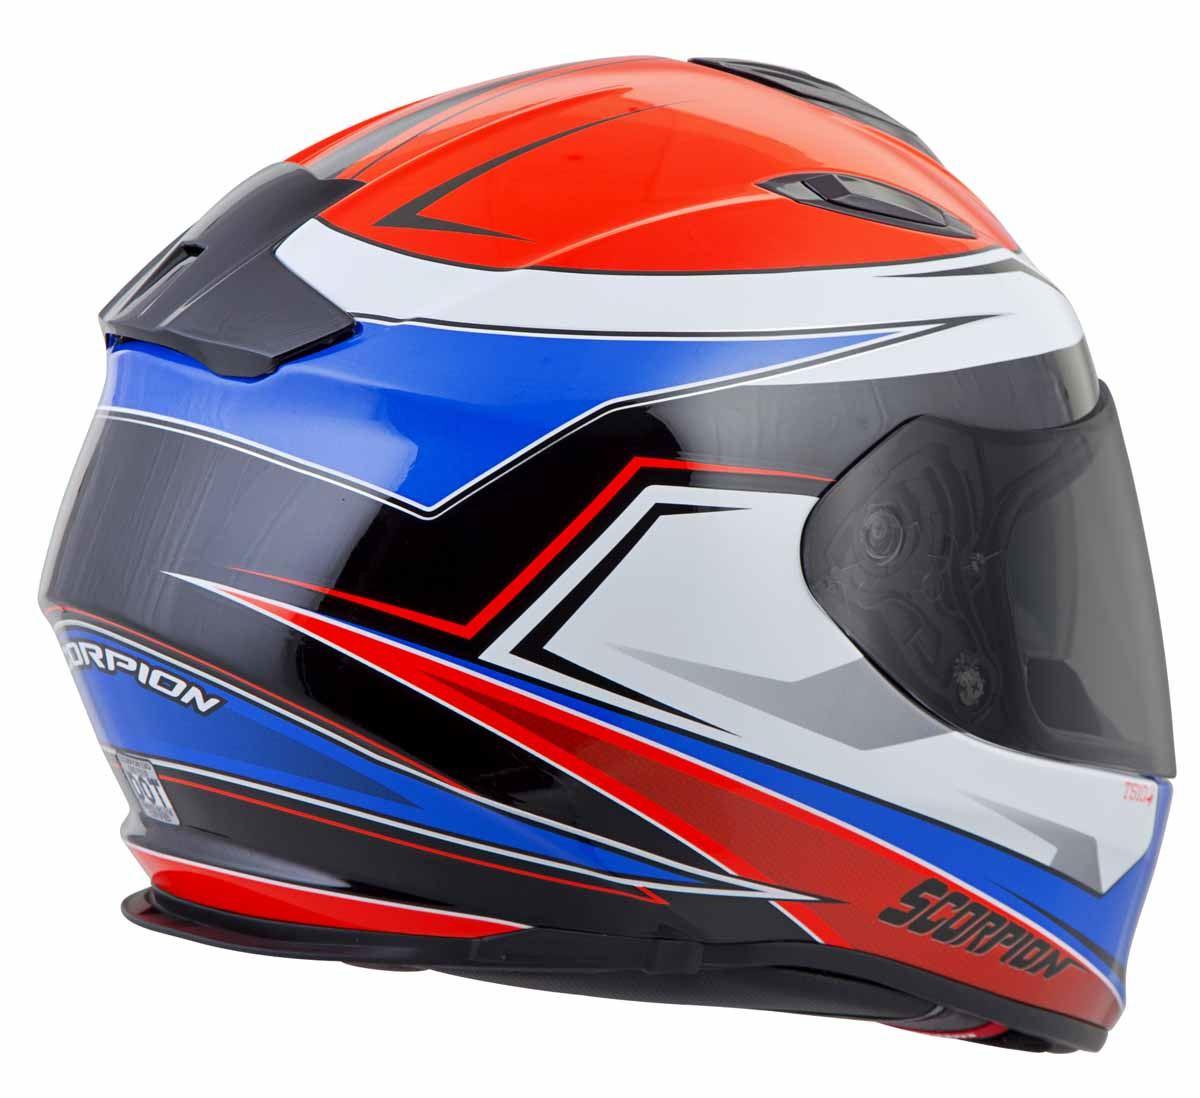 Scorpion-EXO-T510-Helmet-Full-Face-DOT-Approved-Inner-Sun-Shield miniature 35